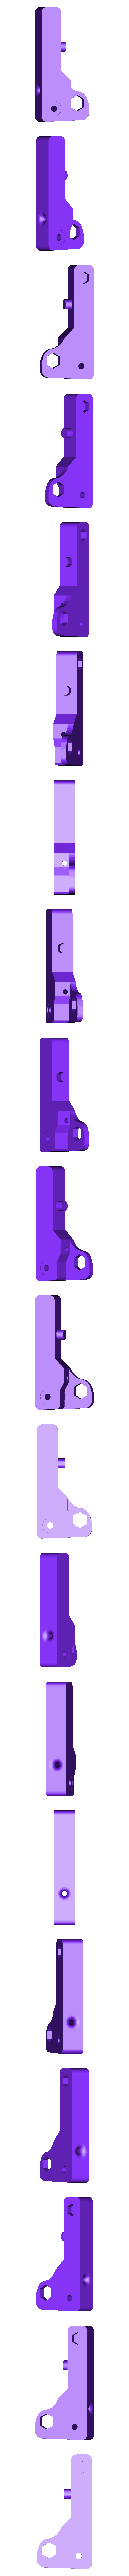 Extrusor_1_Parte_Inferior_parte_movil.stl Télécharger fichier STL gratuit Doble Extrusor para montaje en Bowden con un sólo motor • Objet imprimable en 3D, celtarra12